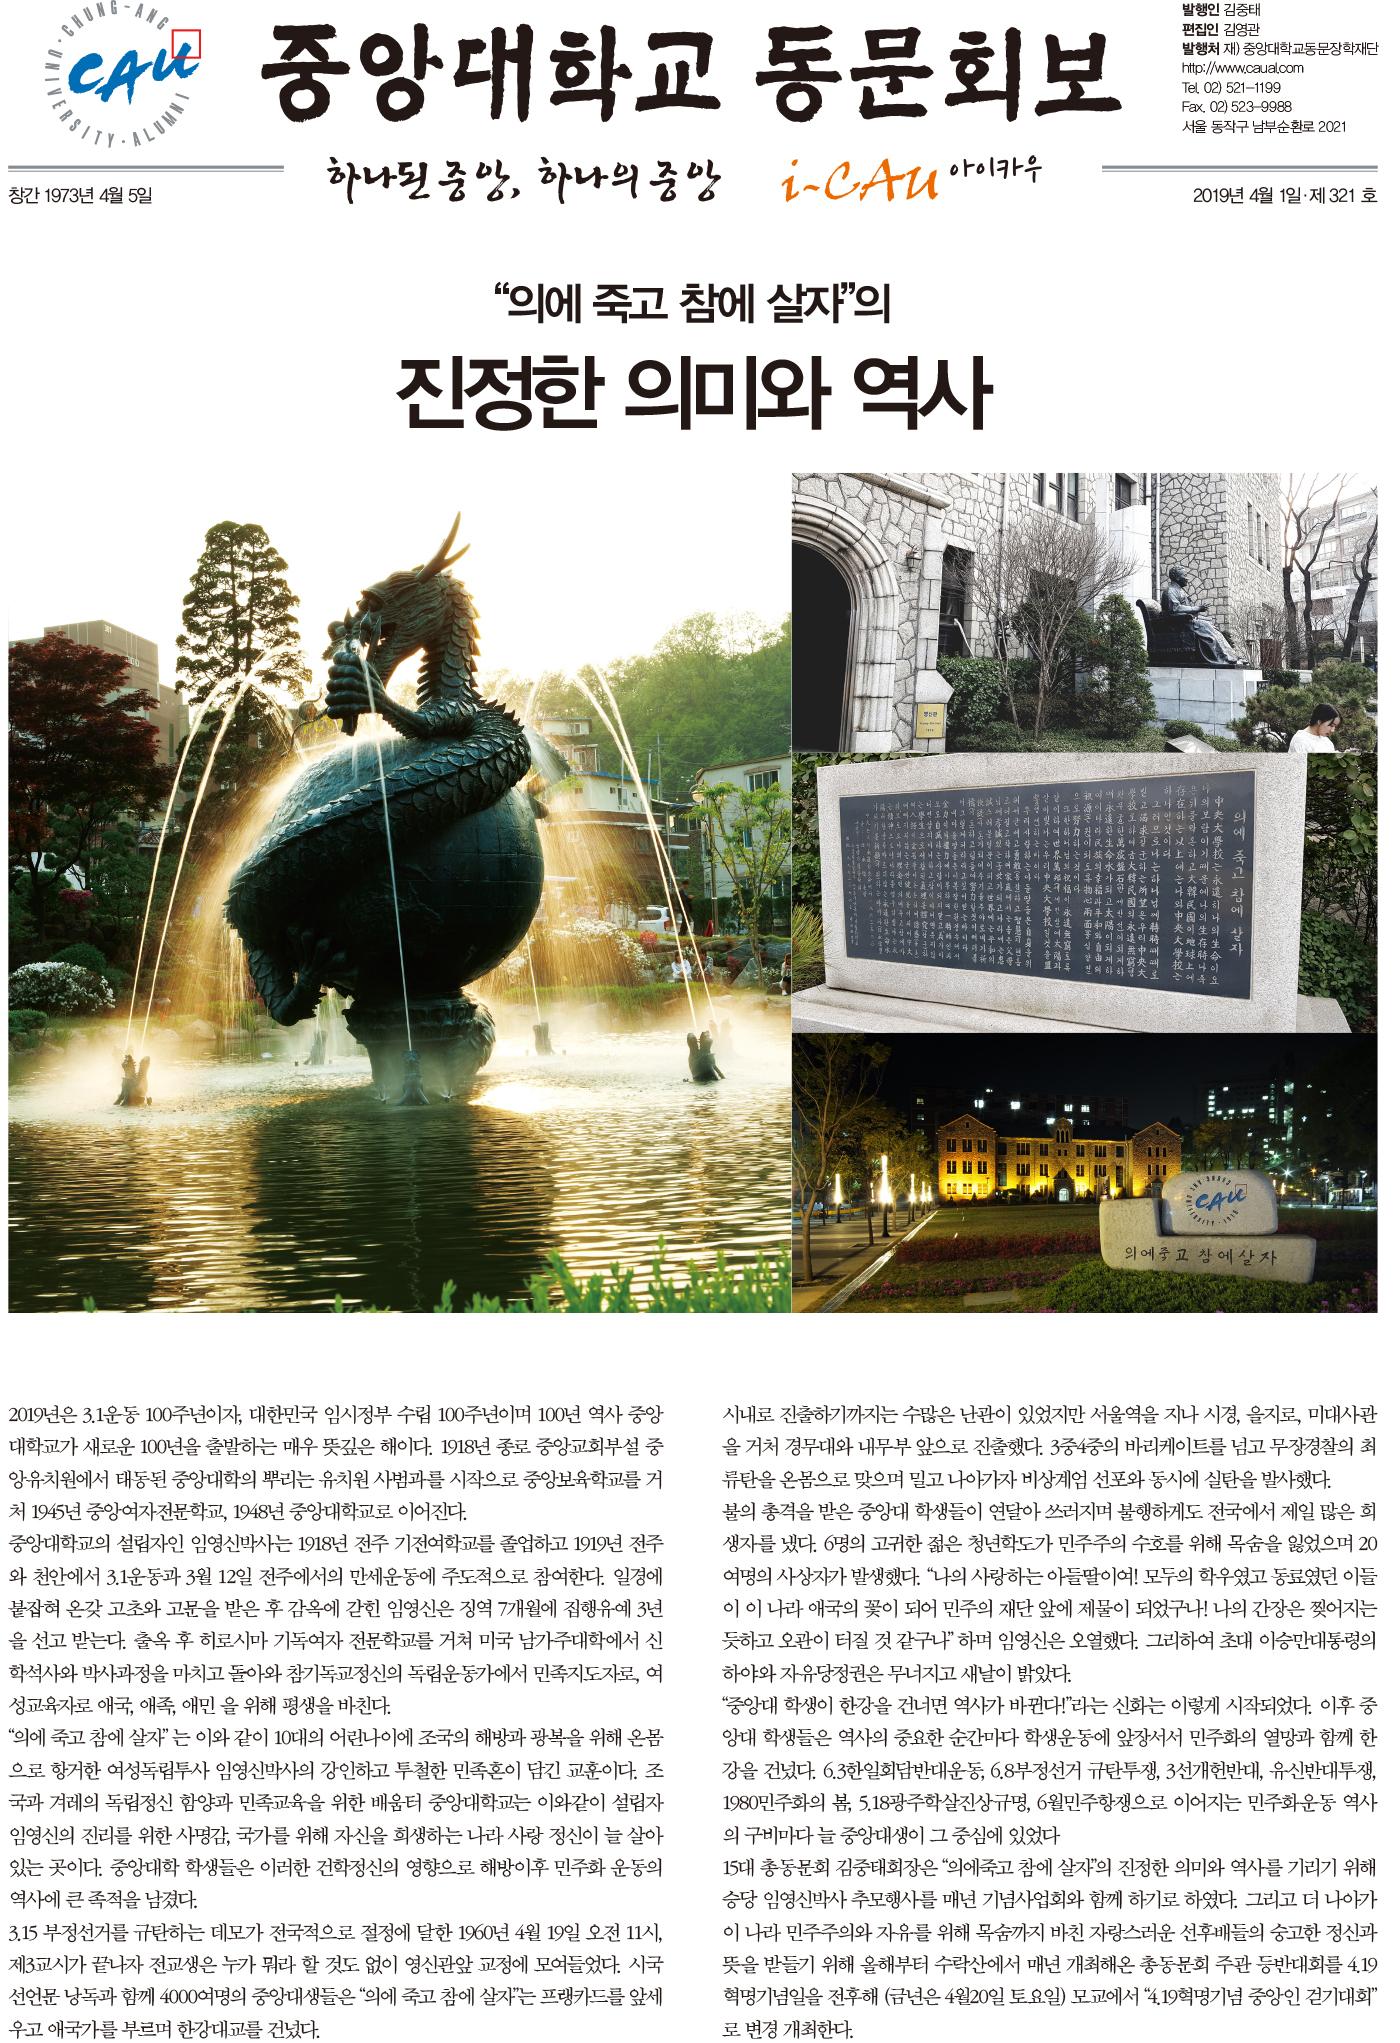 중앙대학교_동문회보_321호-1.jpg